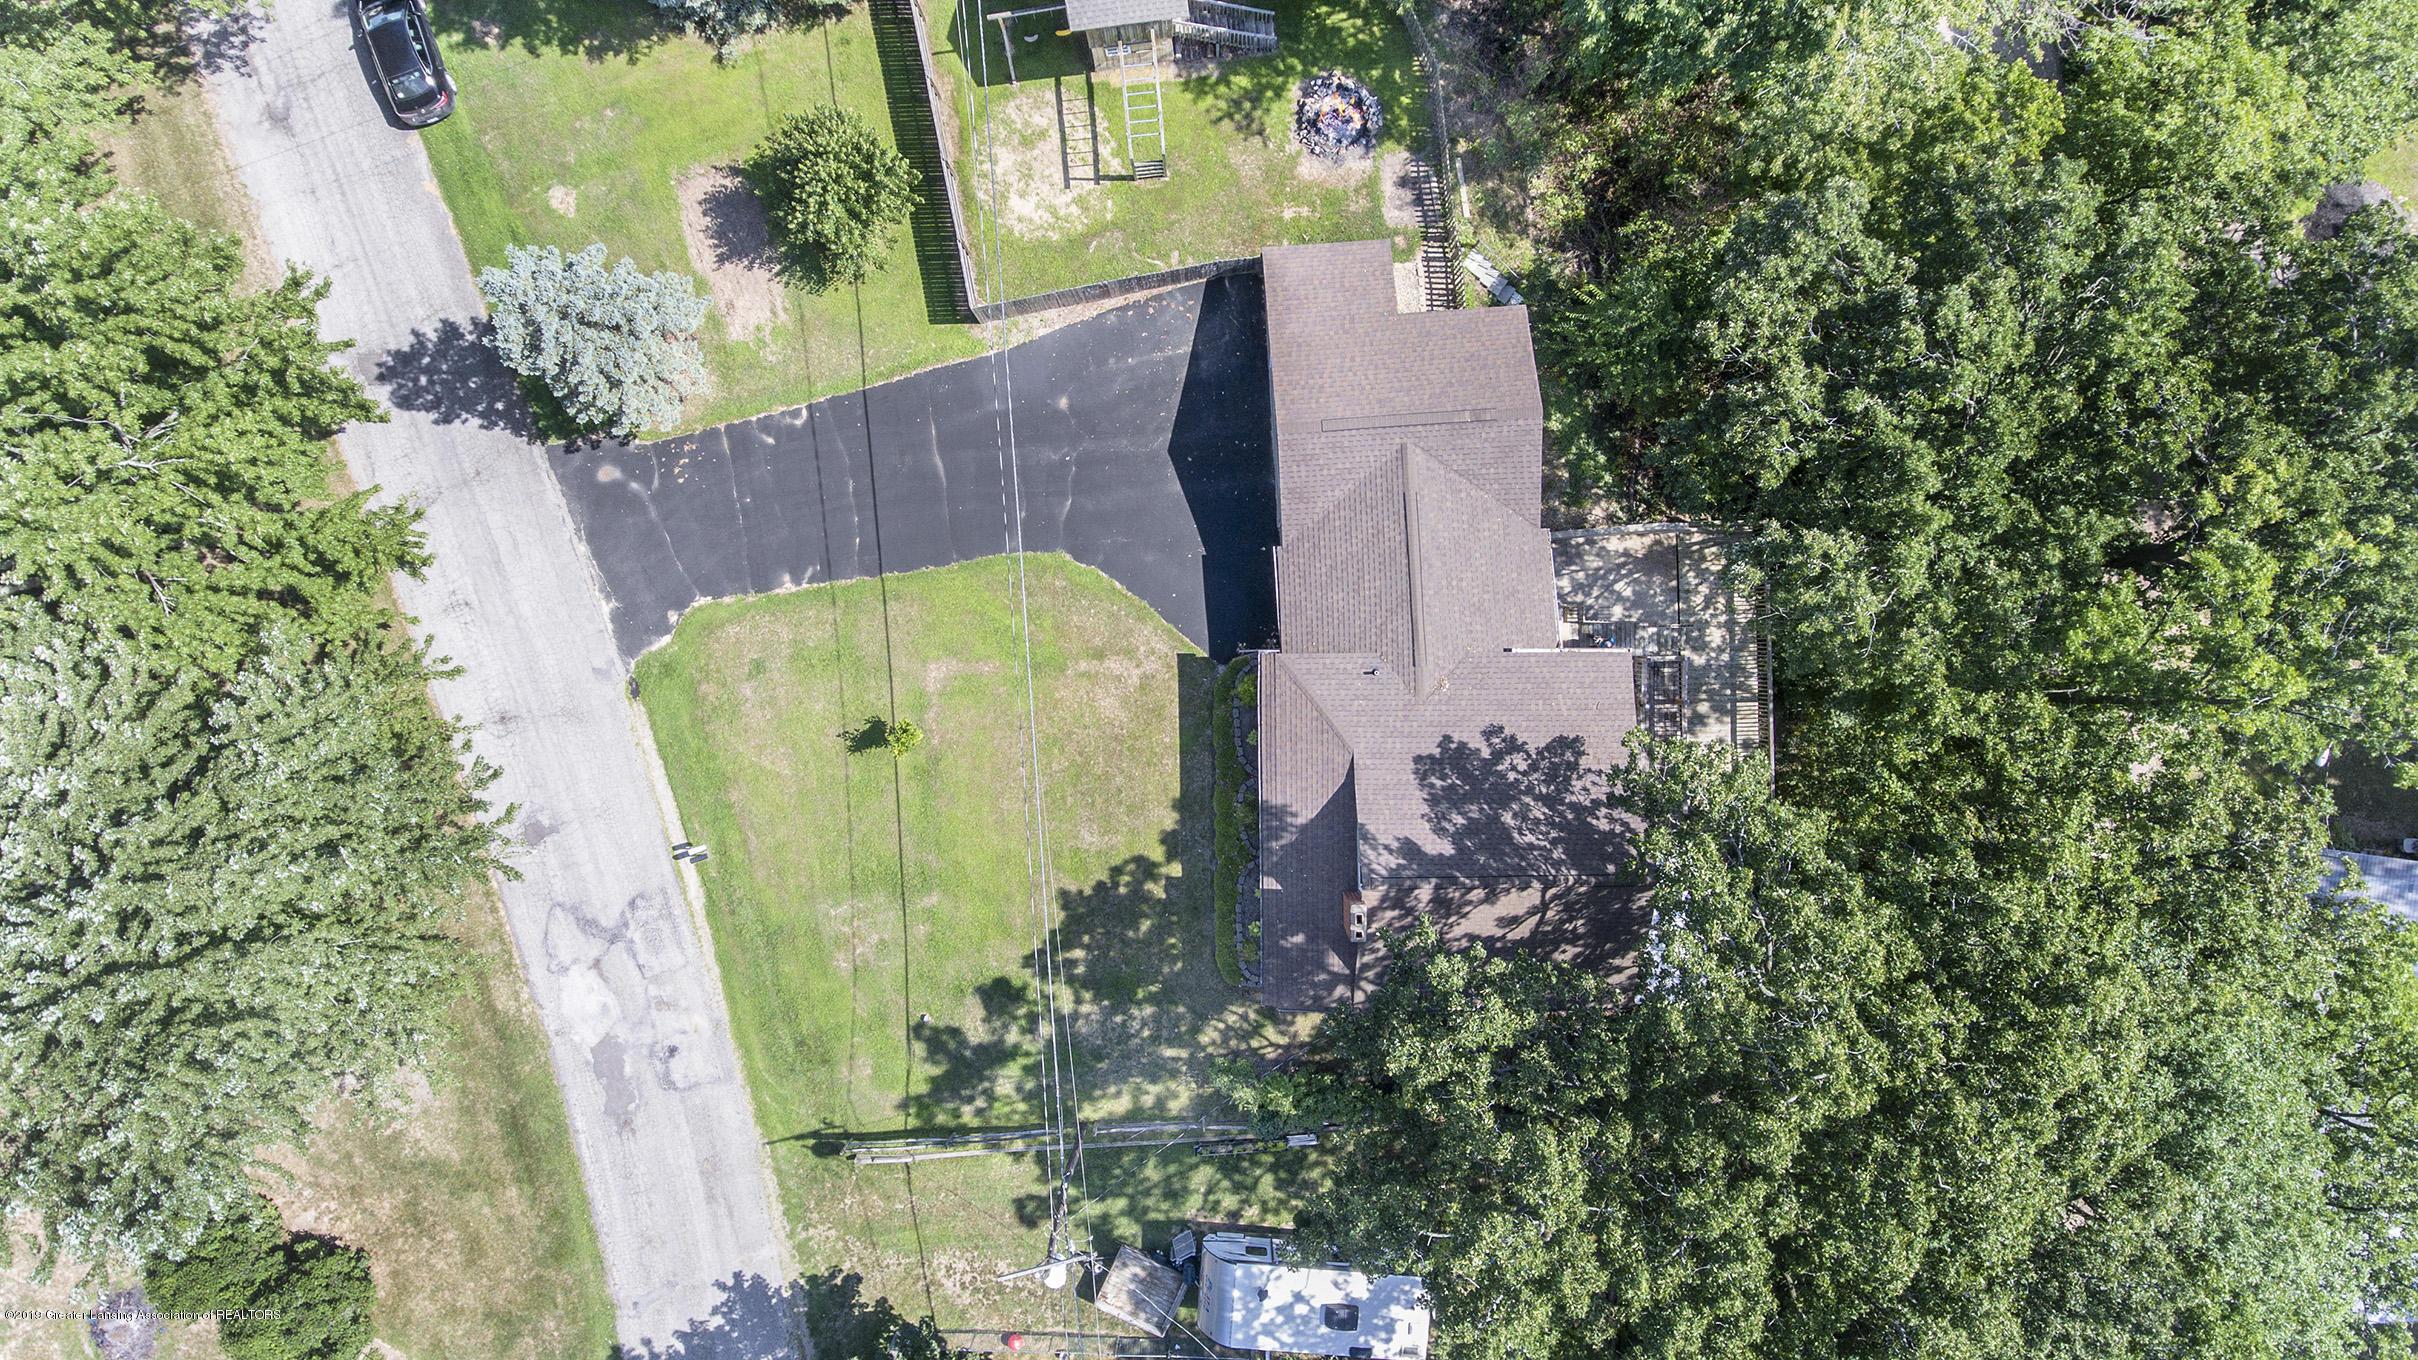 735 S Cloverhill Rd - Photo Aug 16, 3 58 03 PM - 32